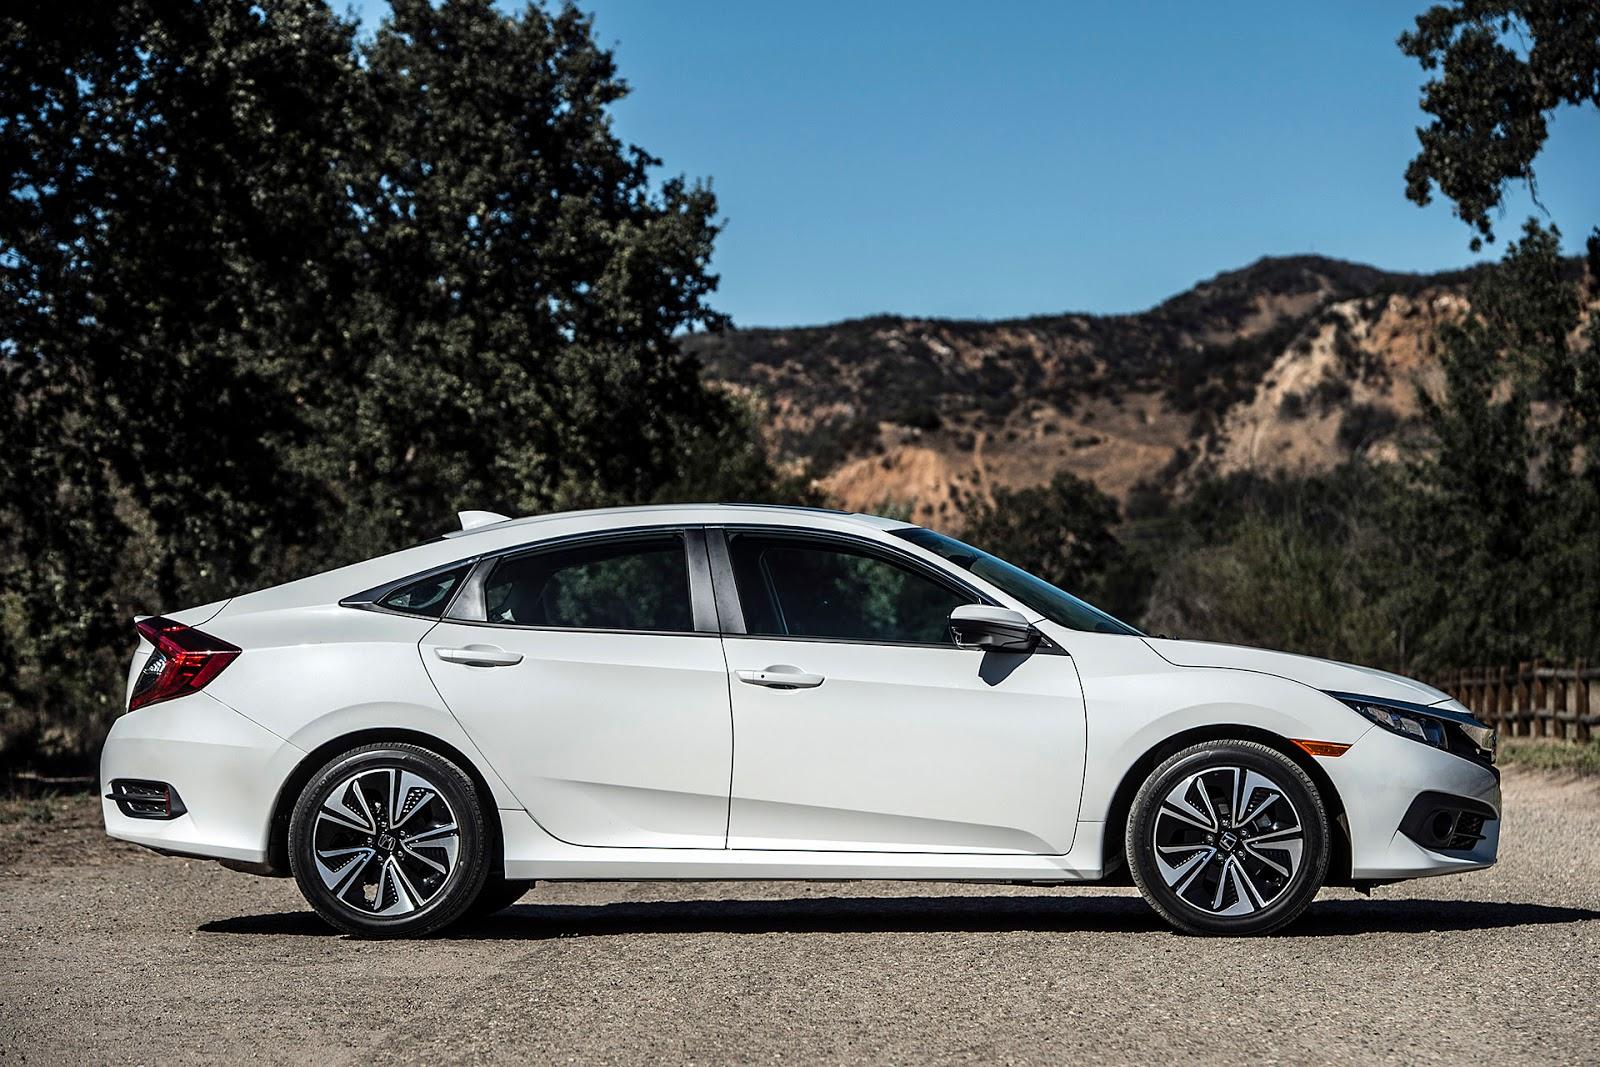 Đánh giá xe Honda Civic 2016 - Sedan tốt nhất trong phân khúc?